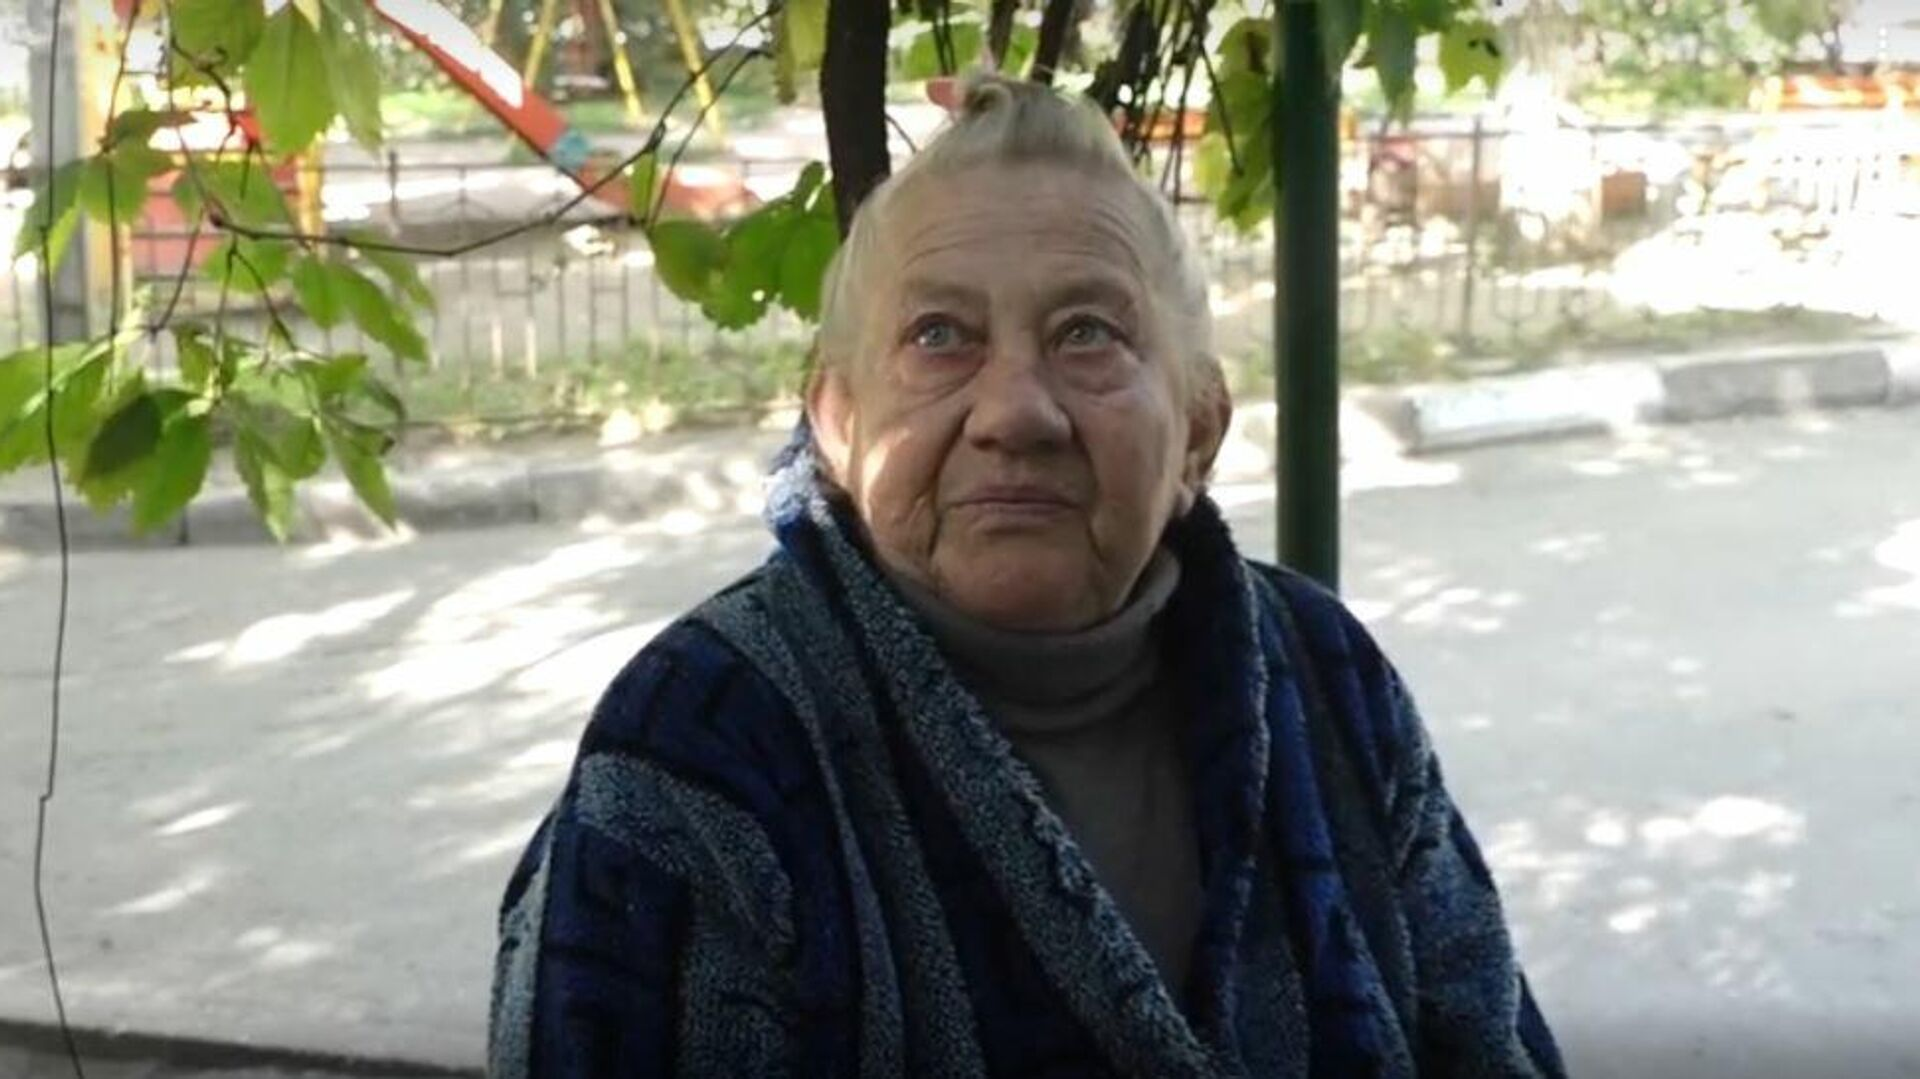 Опрос: отопительный сезон в Крыму - РИА Новости, 1920, 11.10.2021